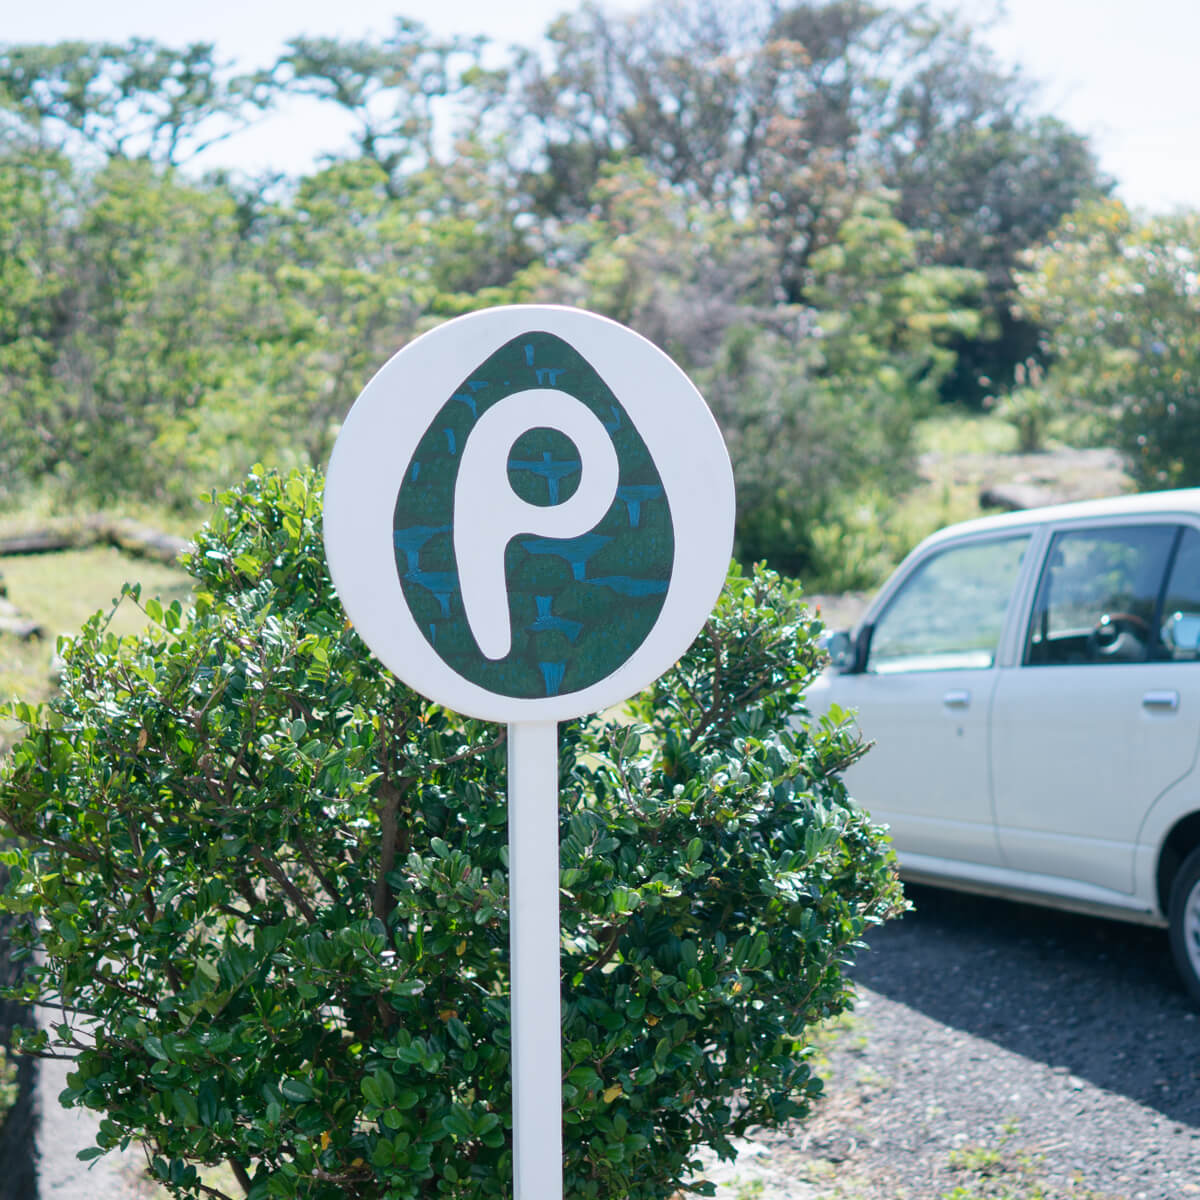 屋久島しずくギャラリー 駐車場の看板 屋久島でジュエリーの販売 屋久島でつくる結婚指輪